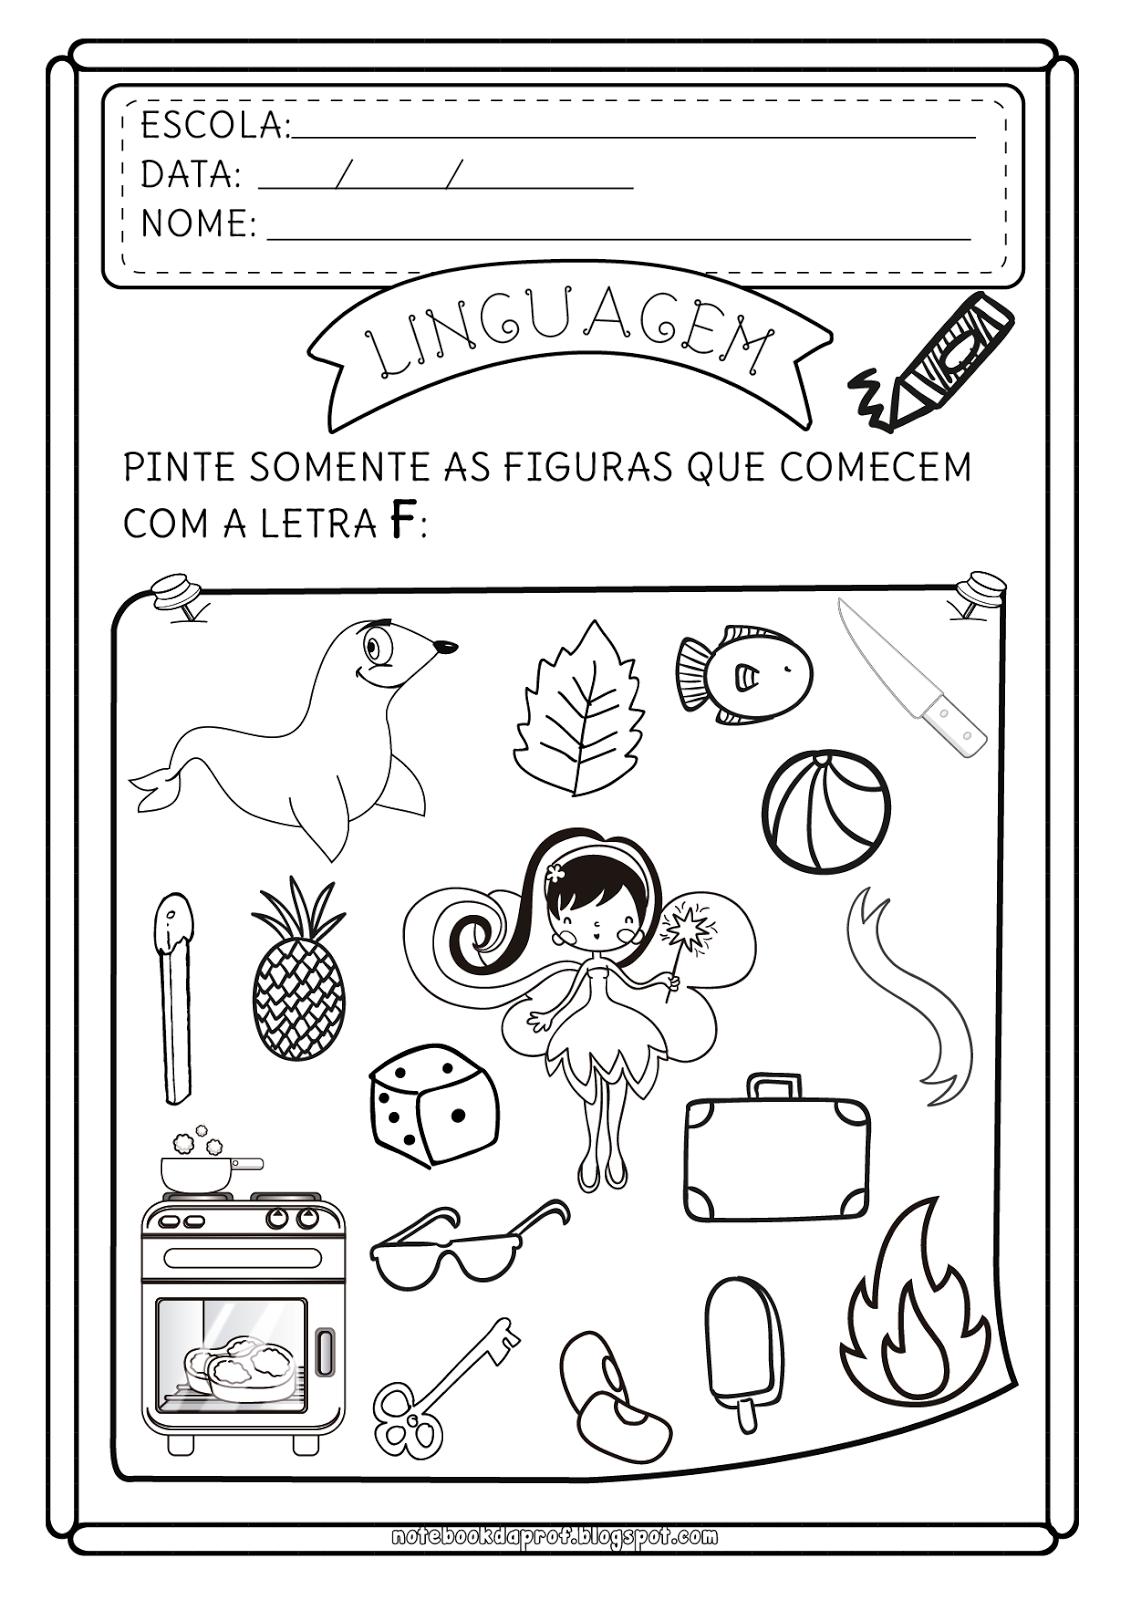 Notebook Da Profa Atividades Letra F